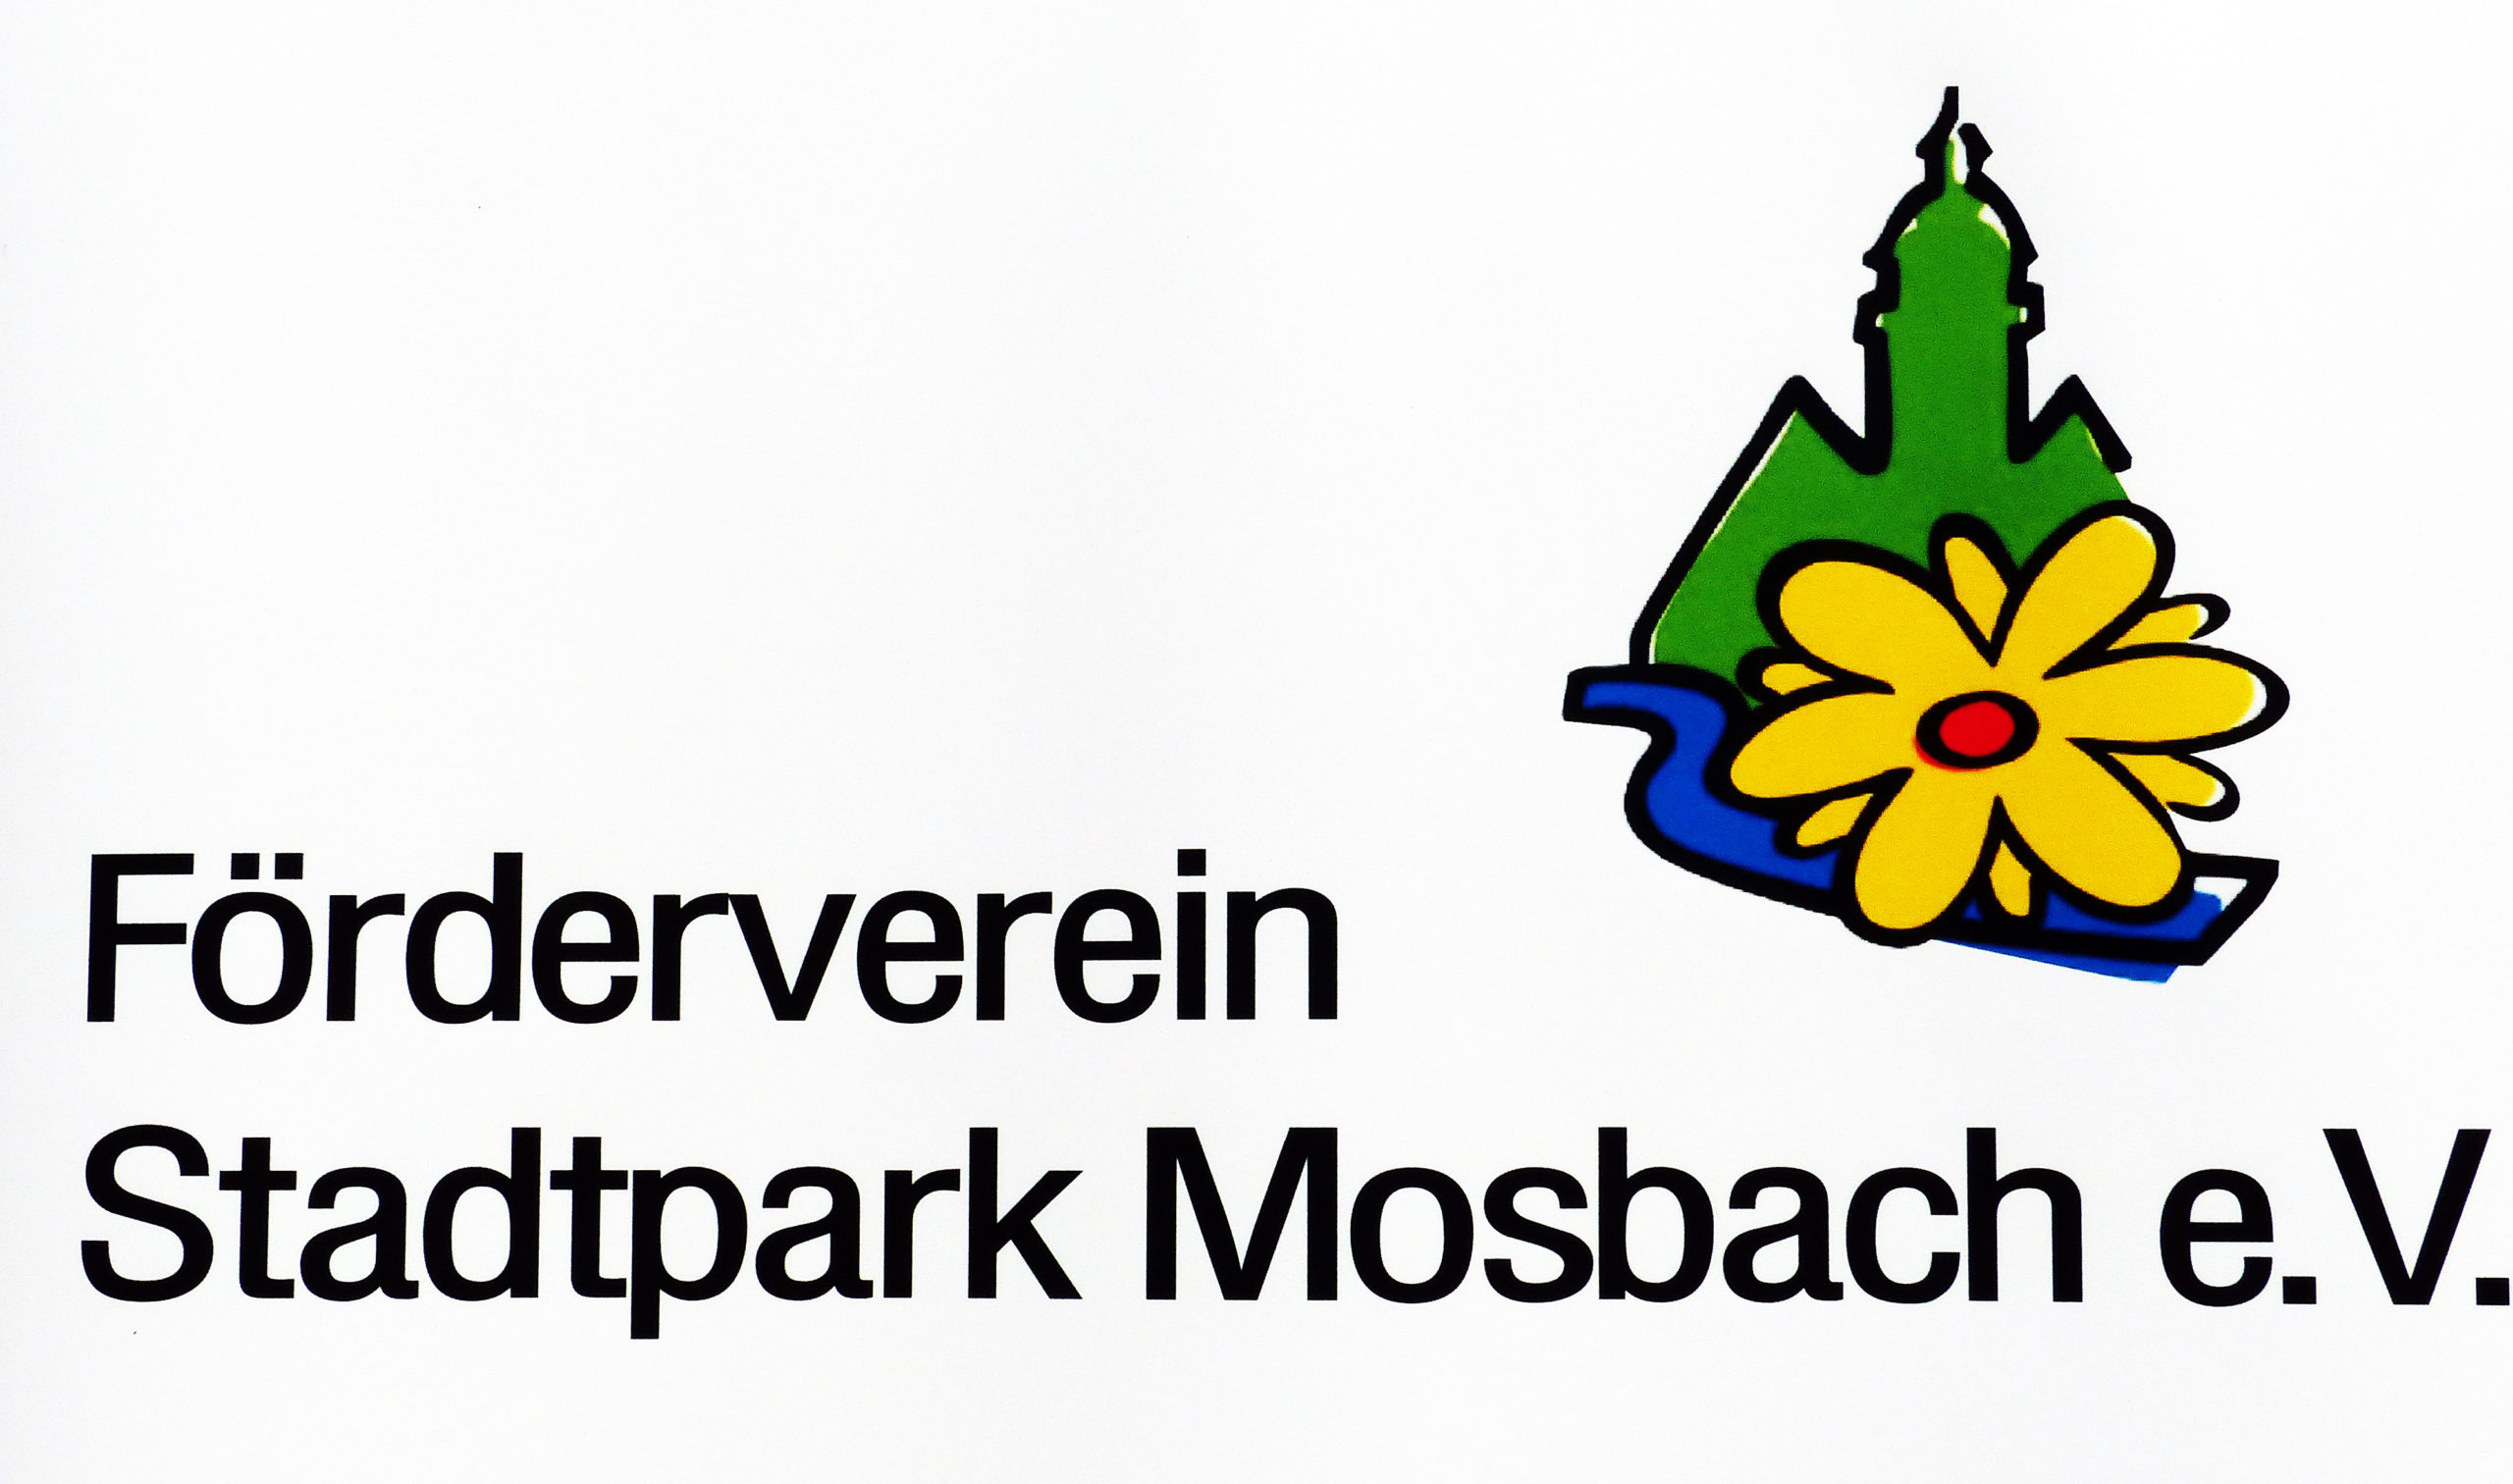 Förderverein Stadtpark Mosbach e.V.